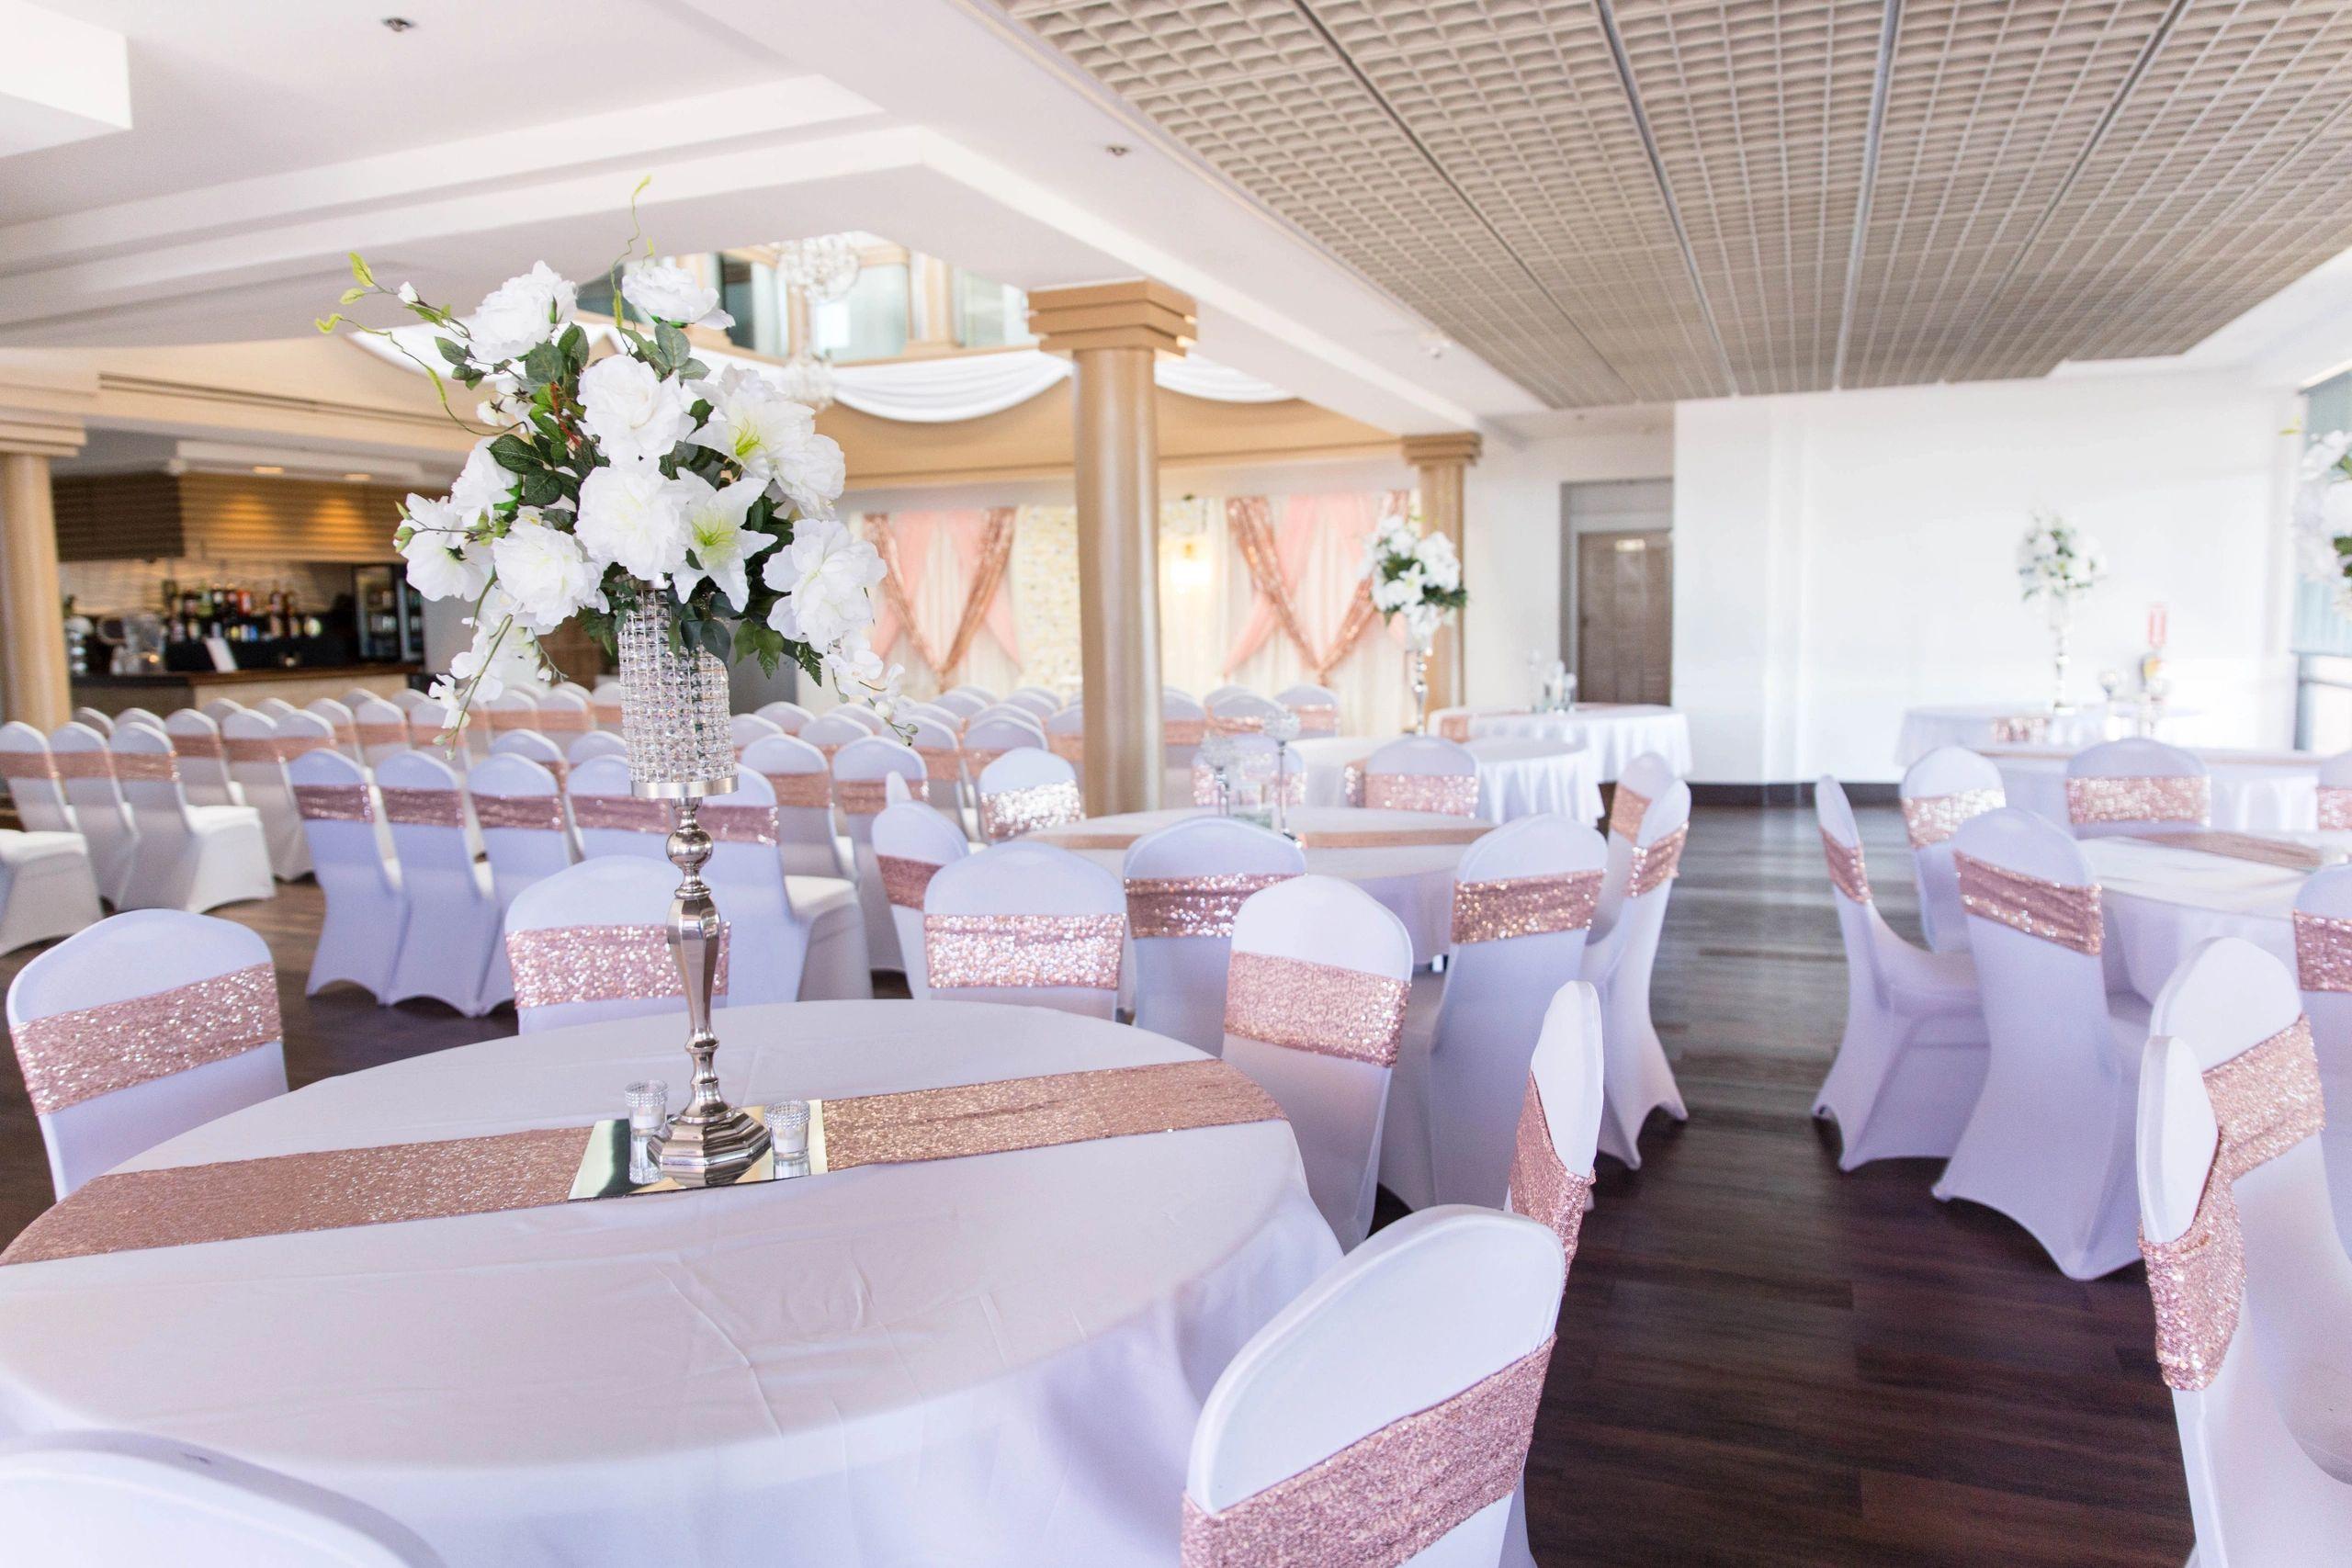 View Wedding Decor: Event Venue, Event Center, Event Decor